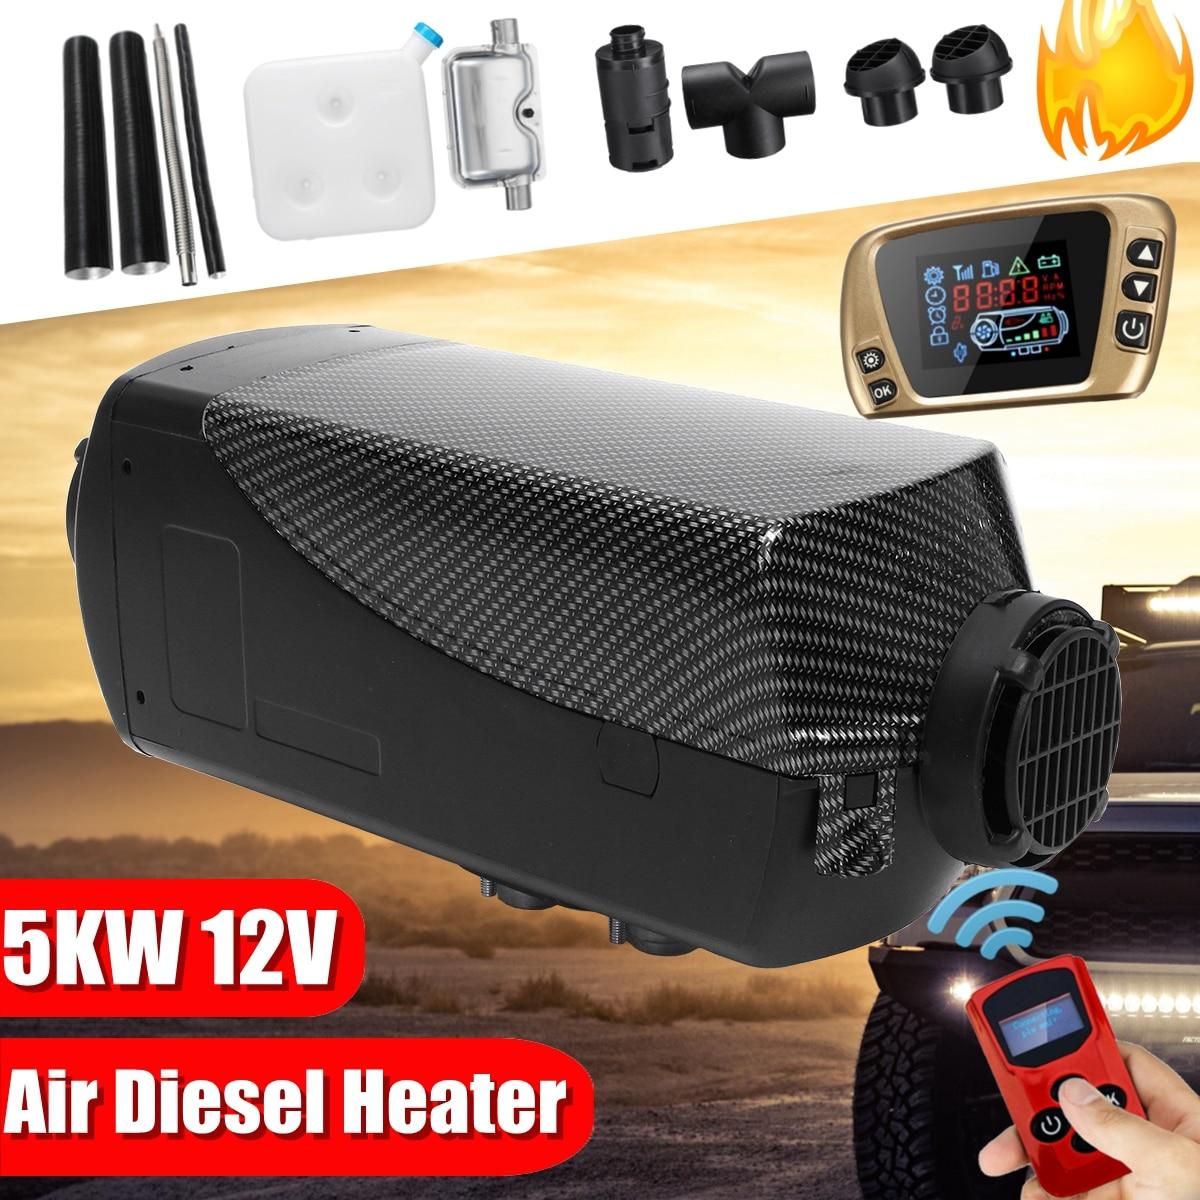 12 v 5KW Auto di Parcheggio Aria Diesel di Riscaldamento a Combustibile Interruttore LCD 5000 w Riscaldamento Dell'automobile per Barche RV Camper Camion rimorchio + Remote + Silenziatore